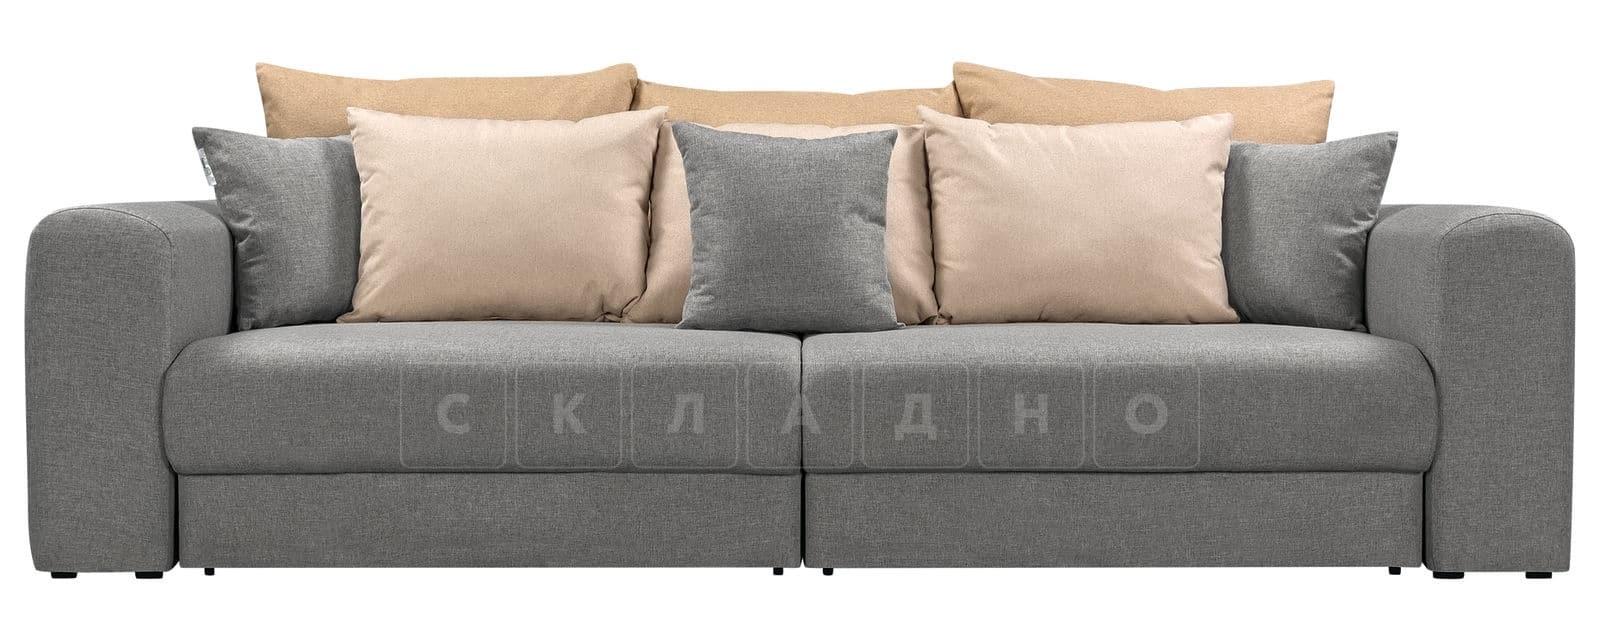 Диван Медисон серый 244 см фото 2   интернет-магазин Складно